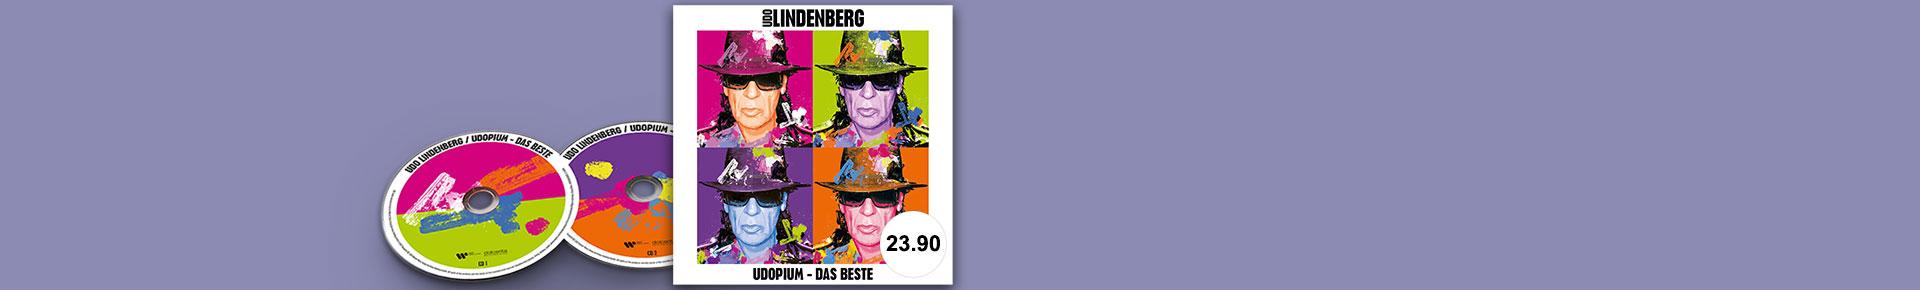 «Udopium» von Udo Lindenberg jetzt portofrei bestellen.